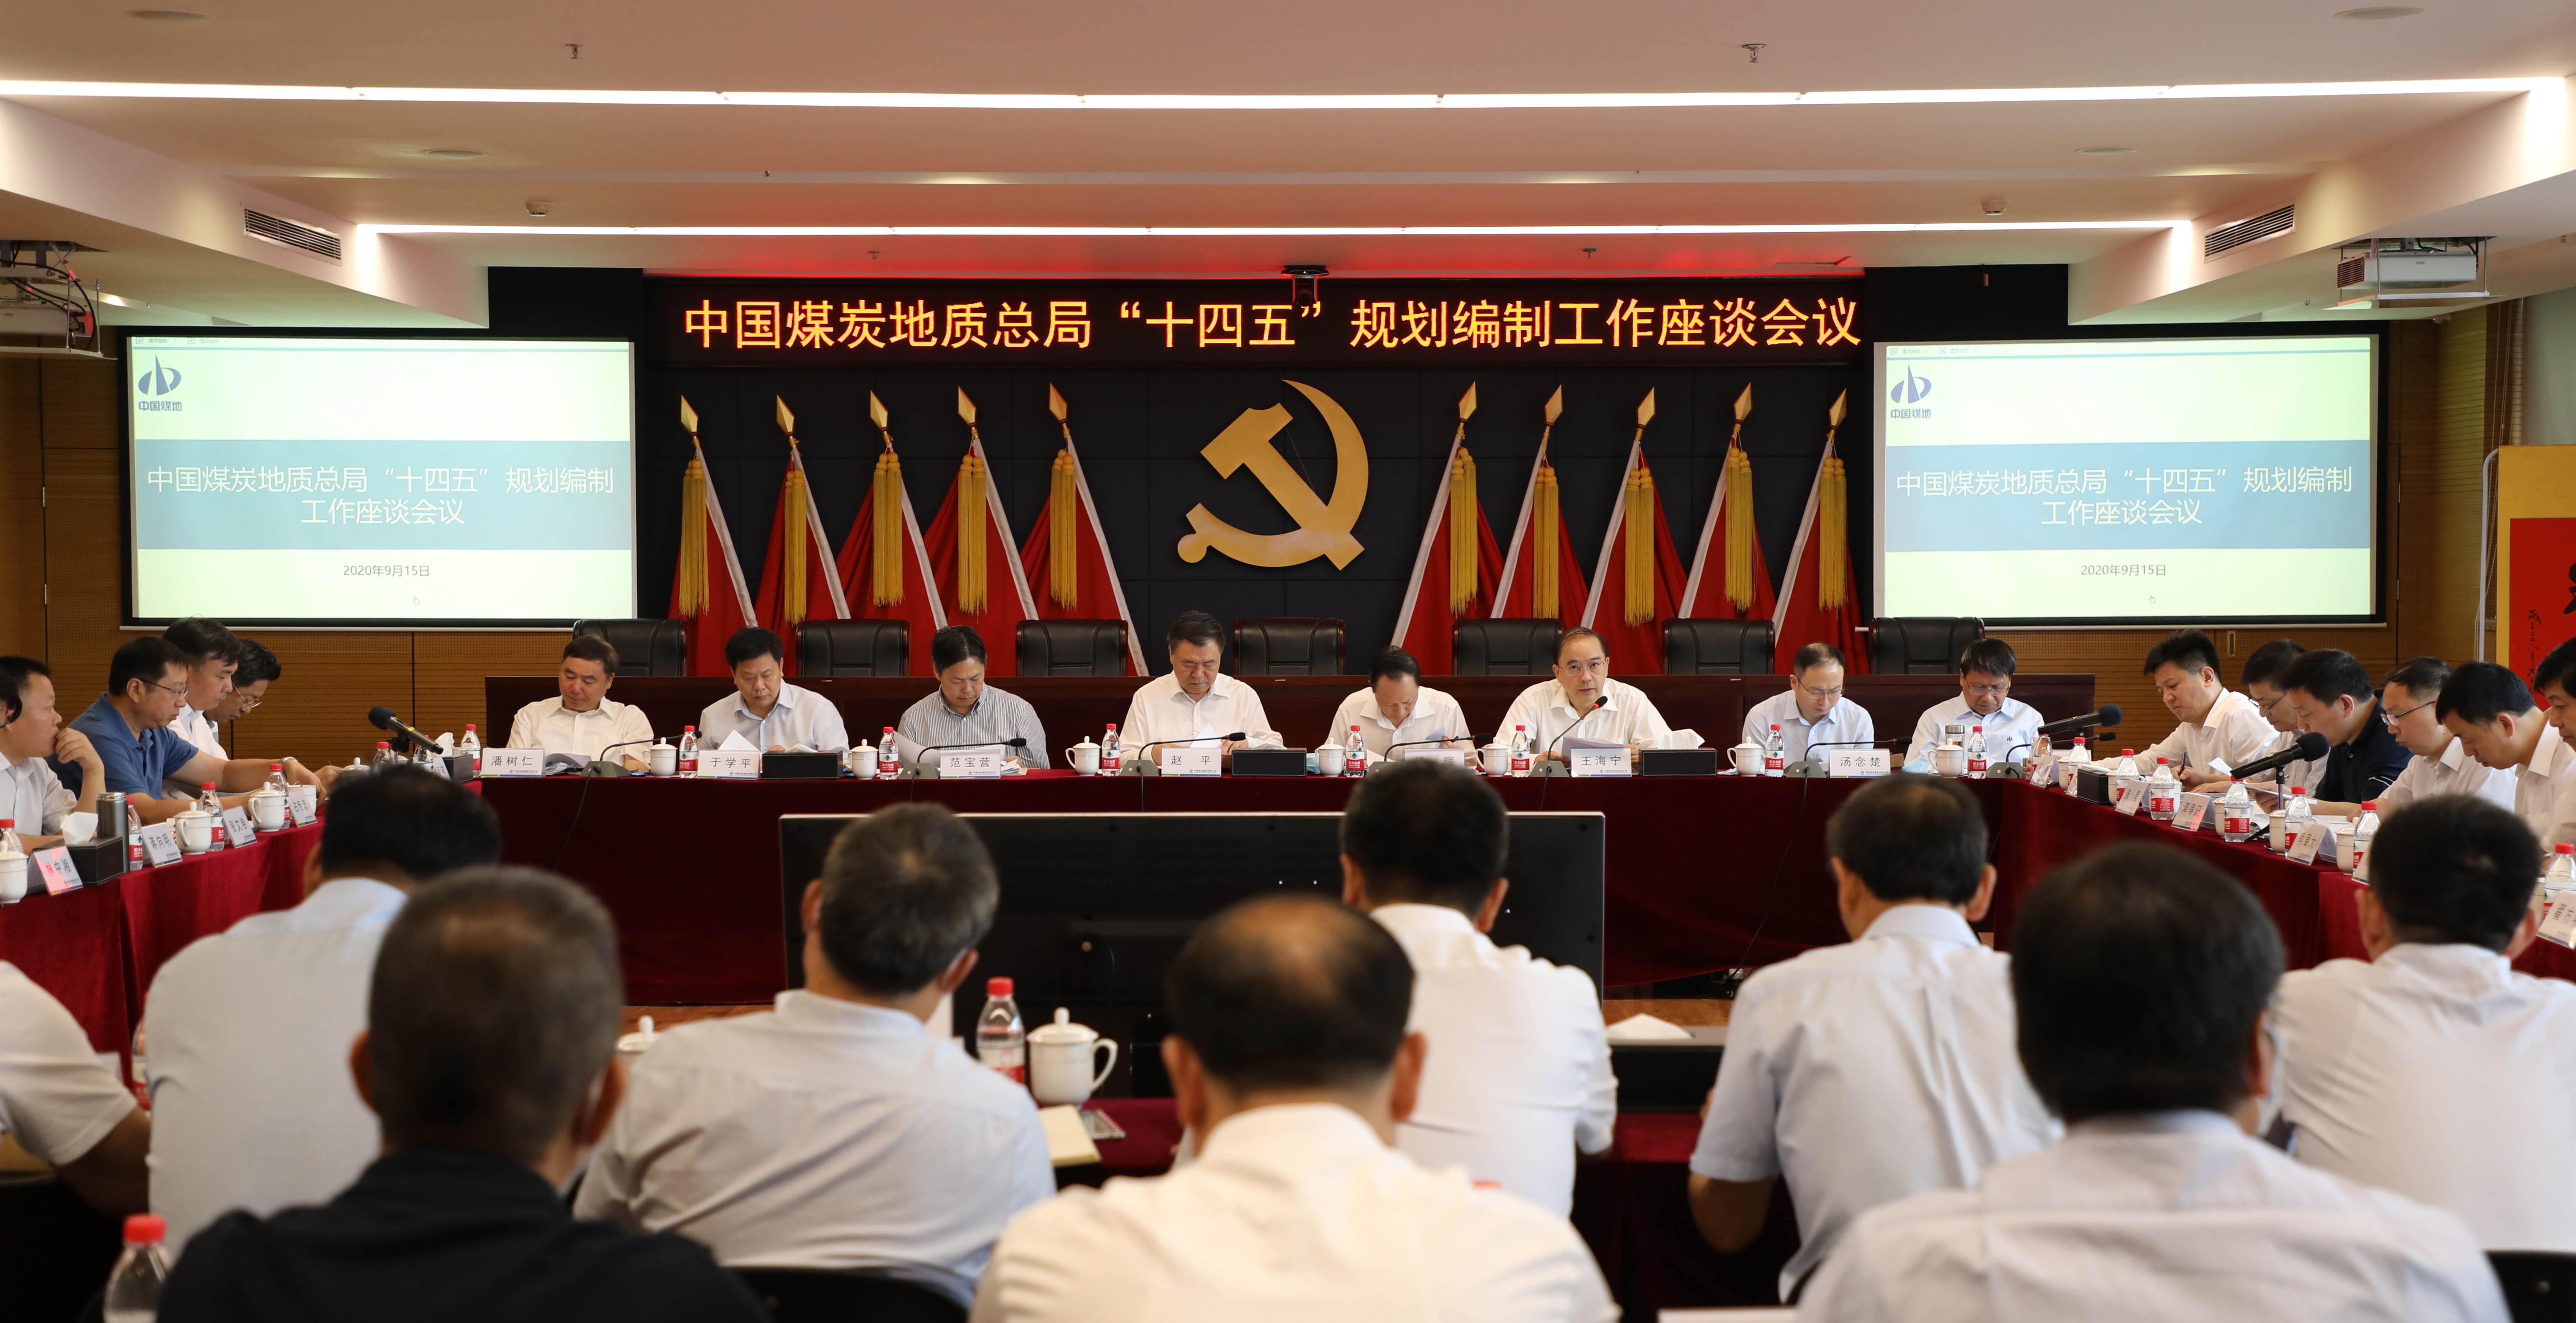 """赵平在总局""""十四五""""规划编制工作座谈会上强调:要编制一个""""站得高、看得远、谋得实、行得通""""的高质量战略规划"""